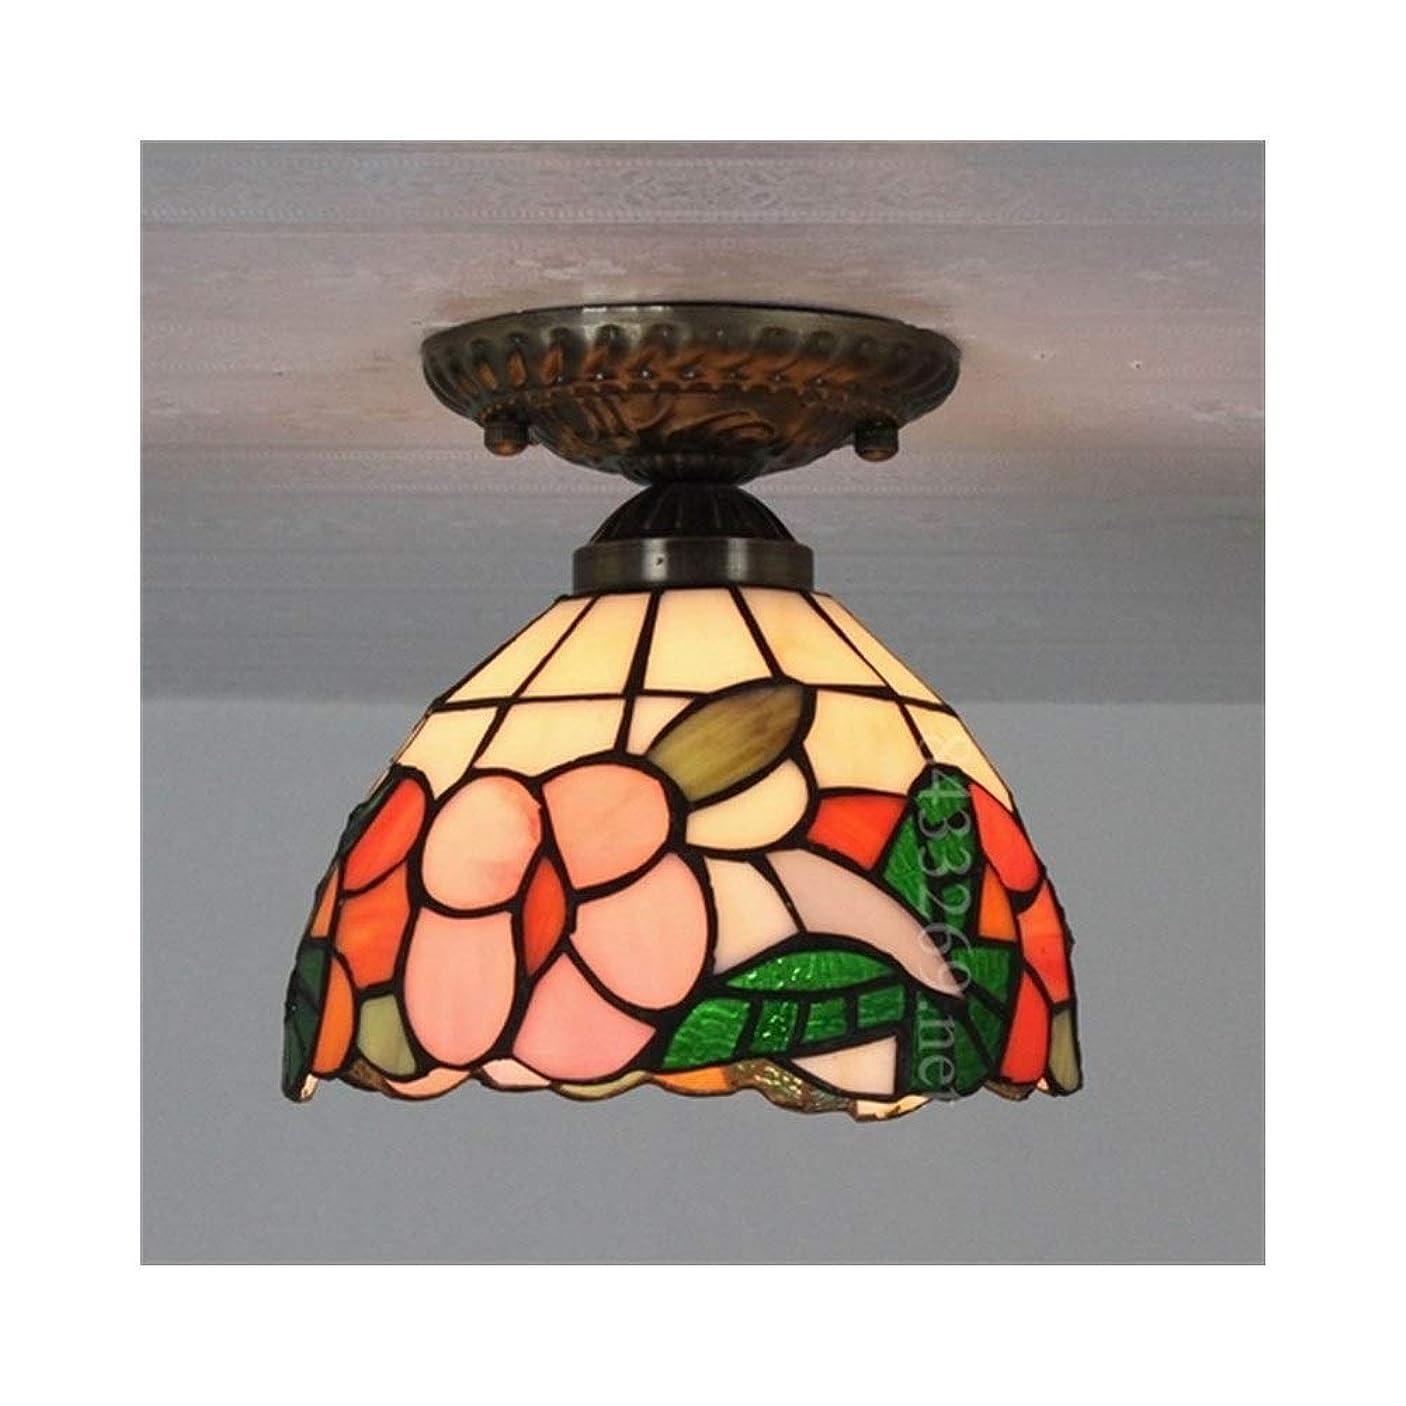 芸術的強いカレンダー8インチの手作りの天井灯ステンドグラスの花のデザイン廊下の下にある中庭の照明